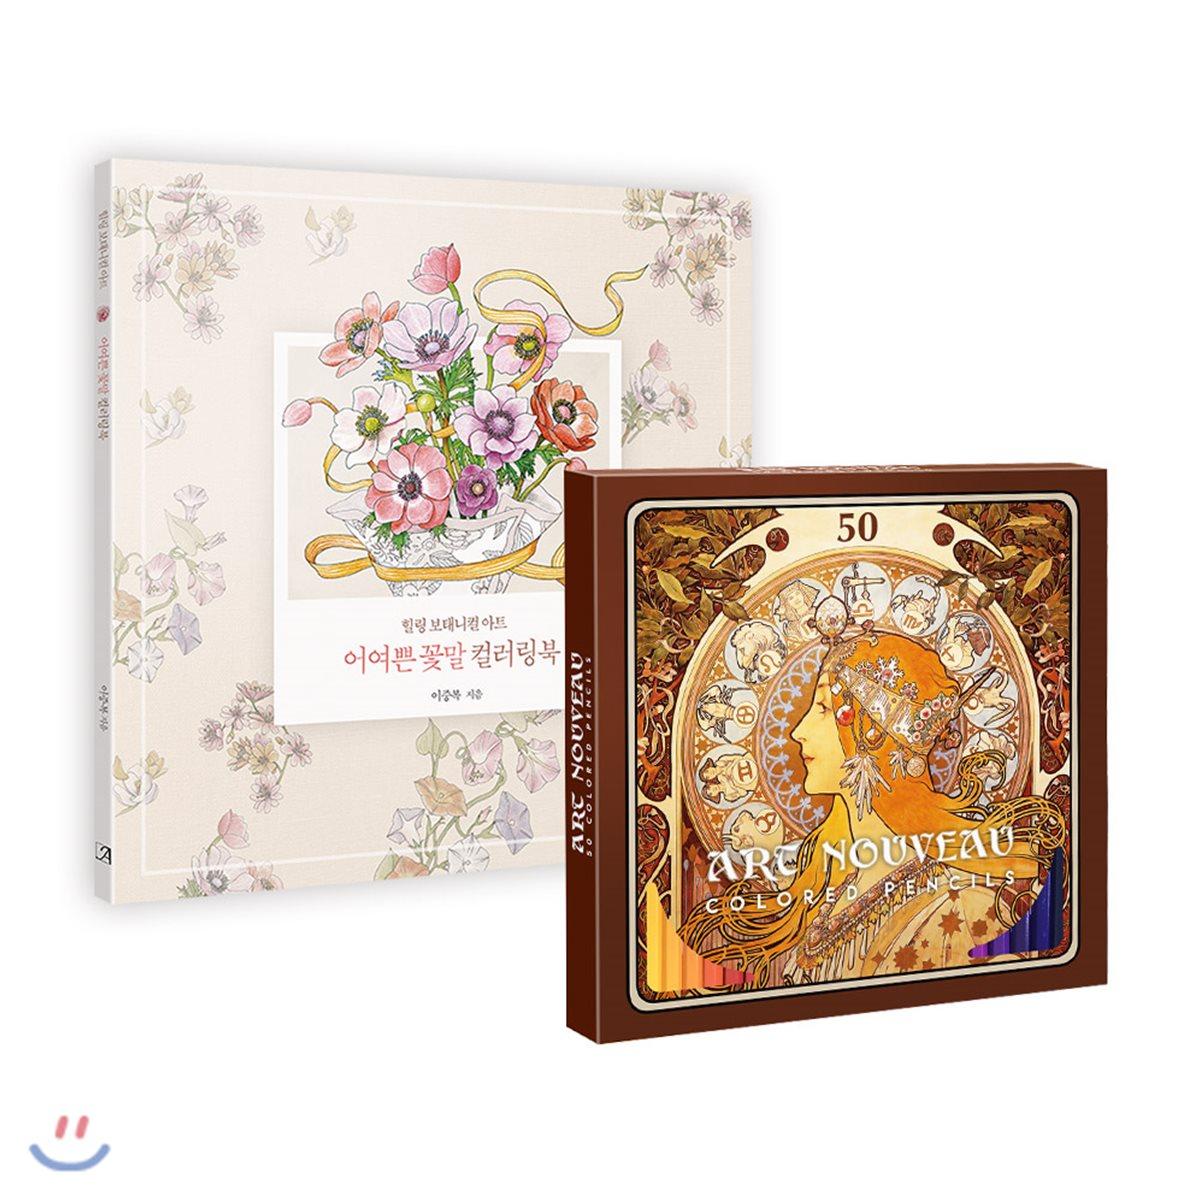 아르누보 색연필 50색+어여쁜 꽃말 컬러링북: 보태니컬 아트 컬러링북 세트